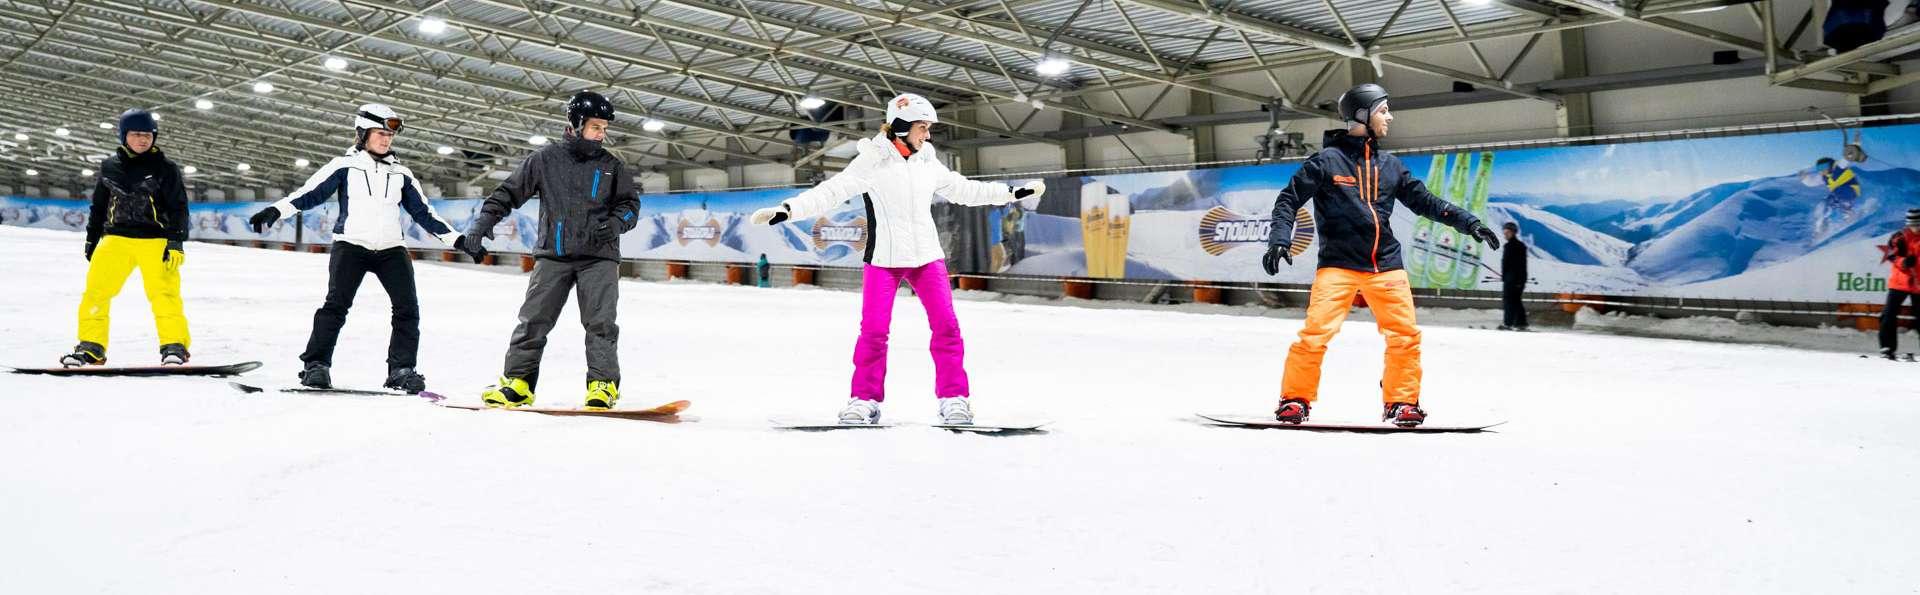 Skier ou grimper dans l'un des plus grands parcs d'Europe !